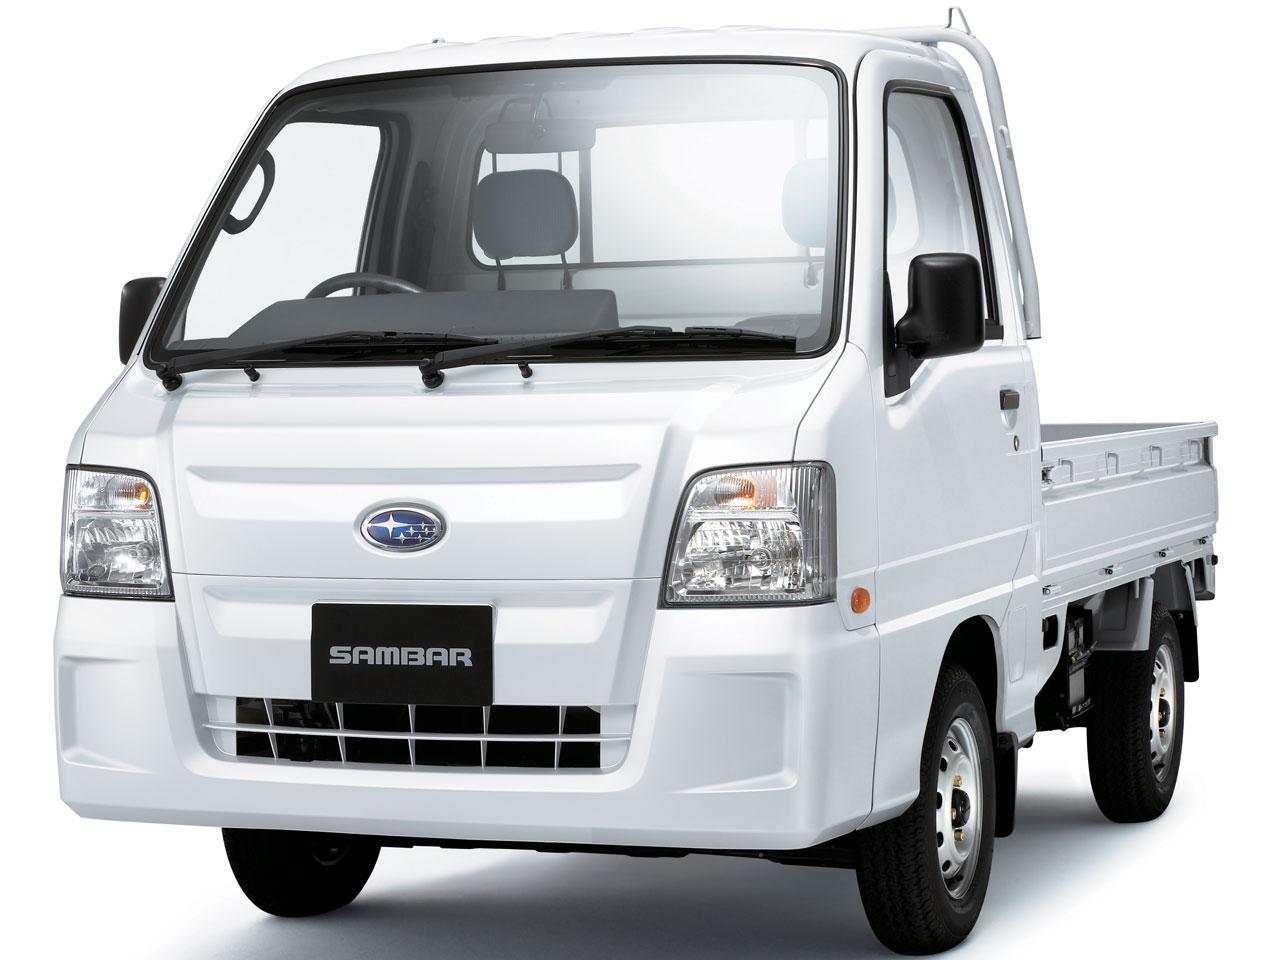 スバル サンバー トラック 2012年モデル 新車画像